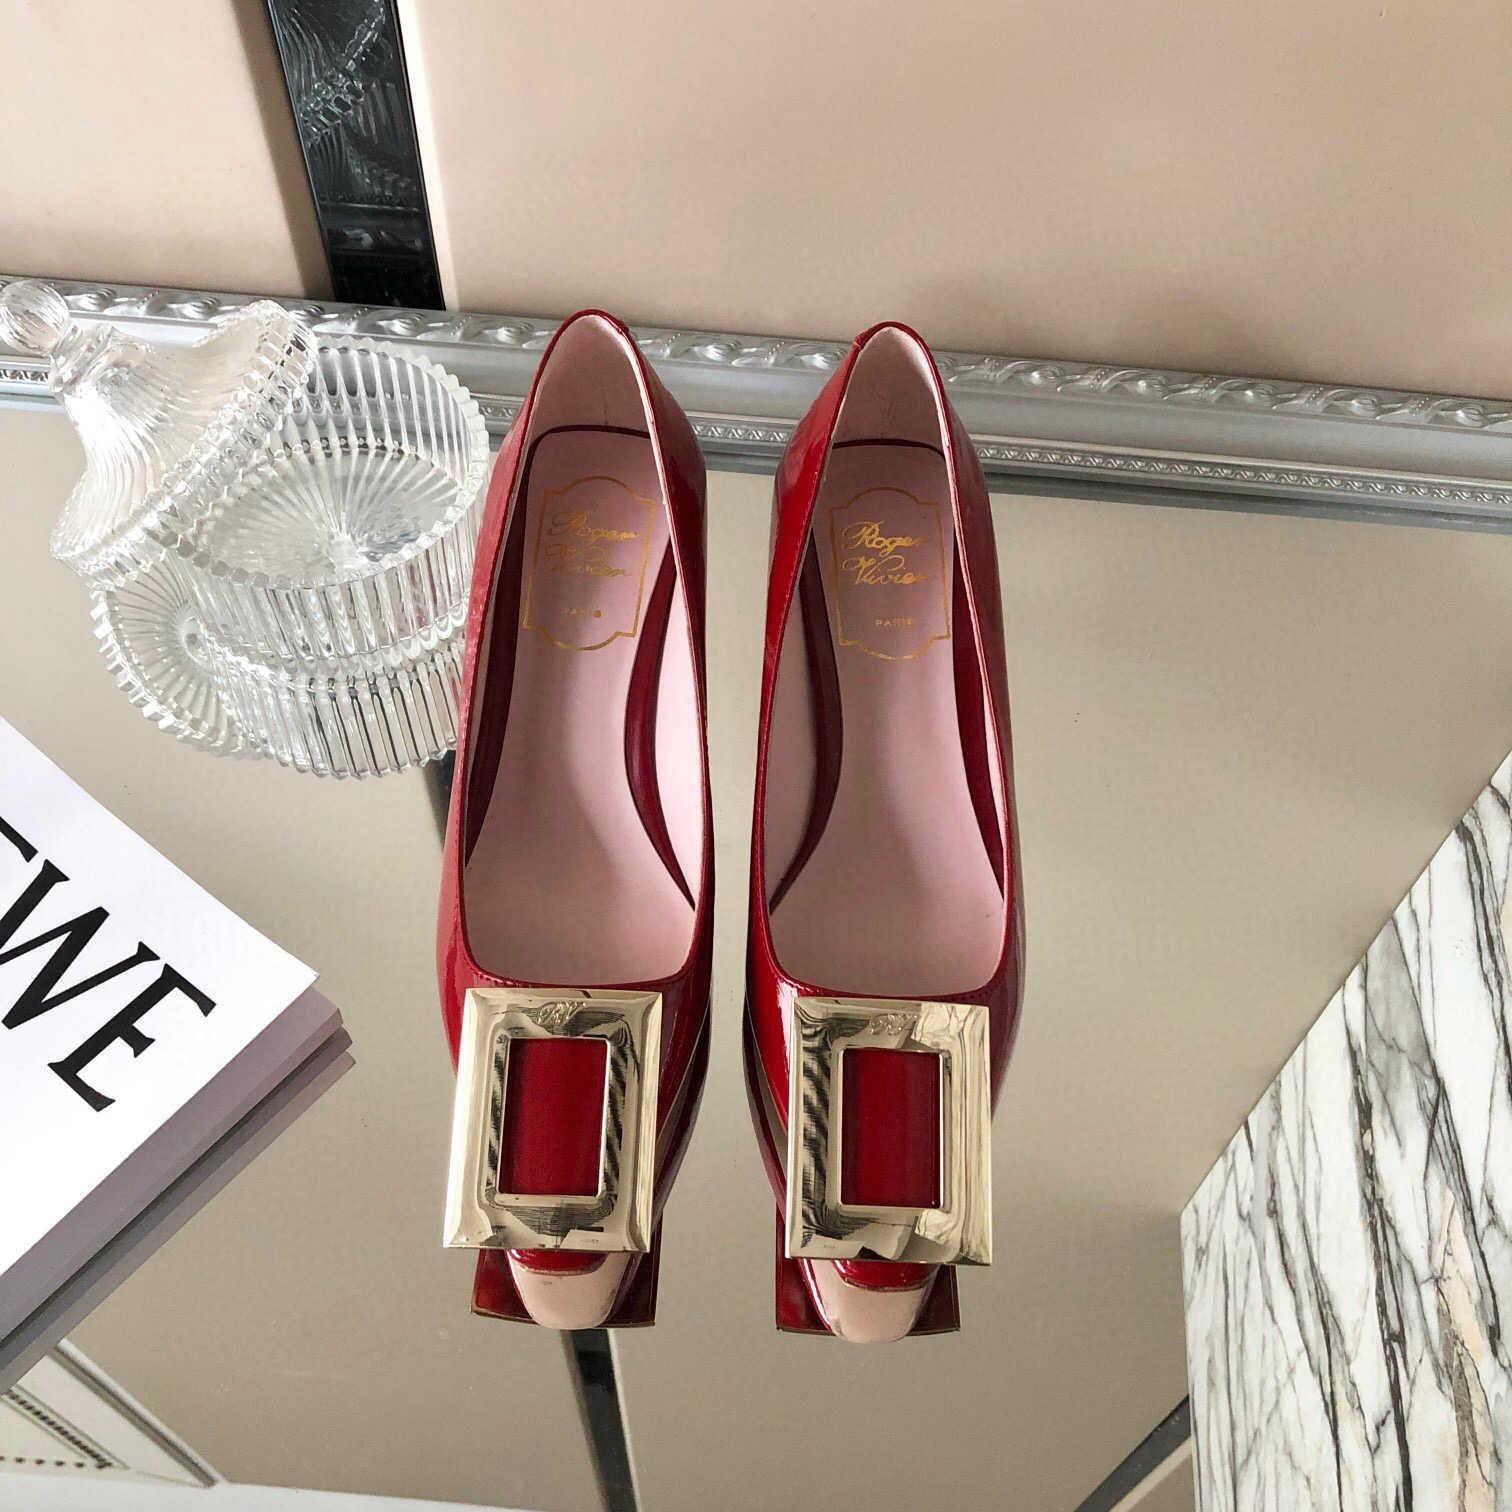 Hot vente nouveau concepteur de boucle carrée chaussures pour femmes d'été mode luxe décontracté talons hauts boîte à chaussures d'origine